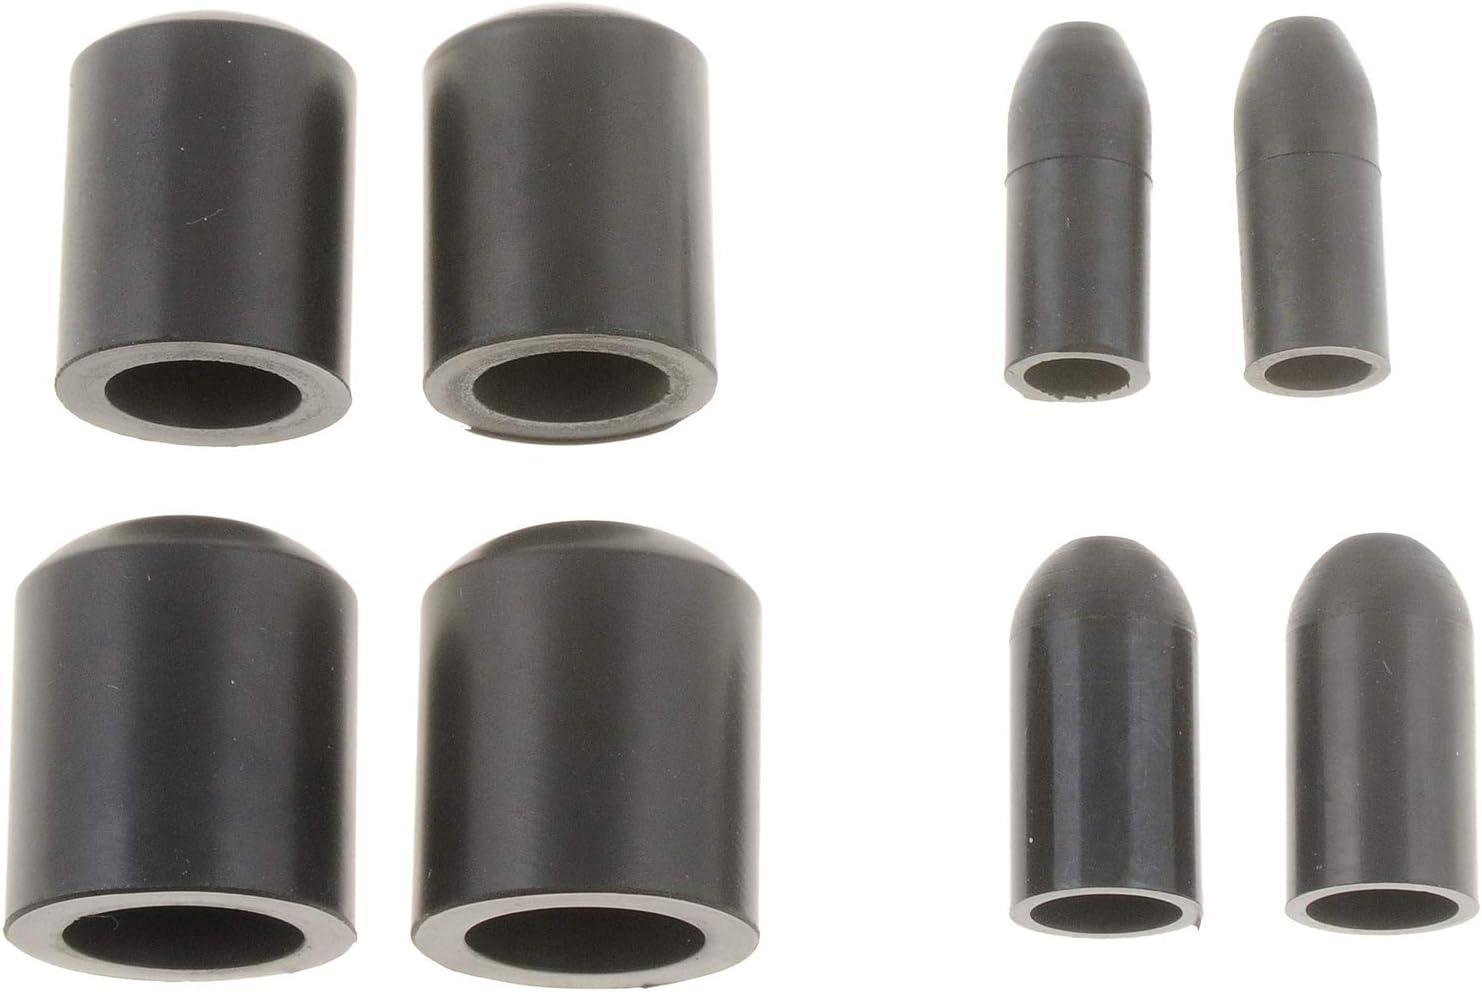 2-5//8 Heater Bypass Cap Rubber 4 pack variety 2-3//4 Heater Bypass Cap